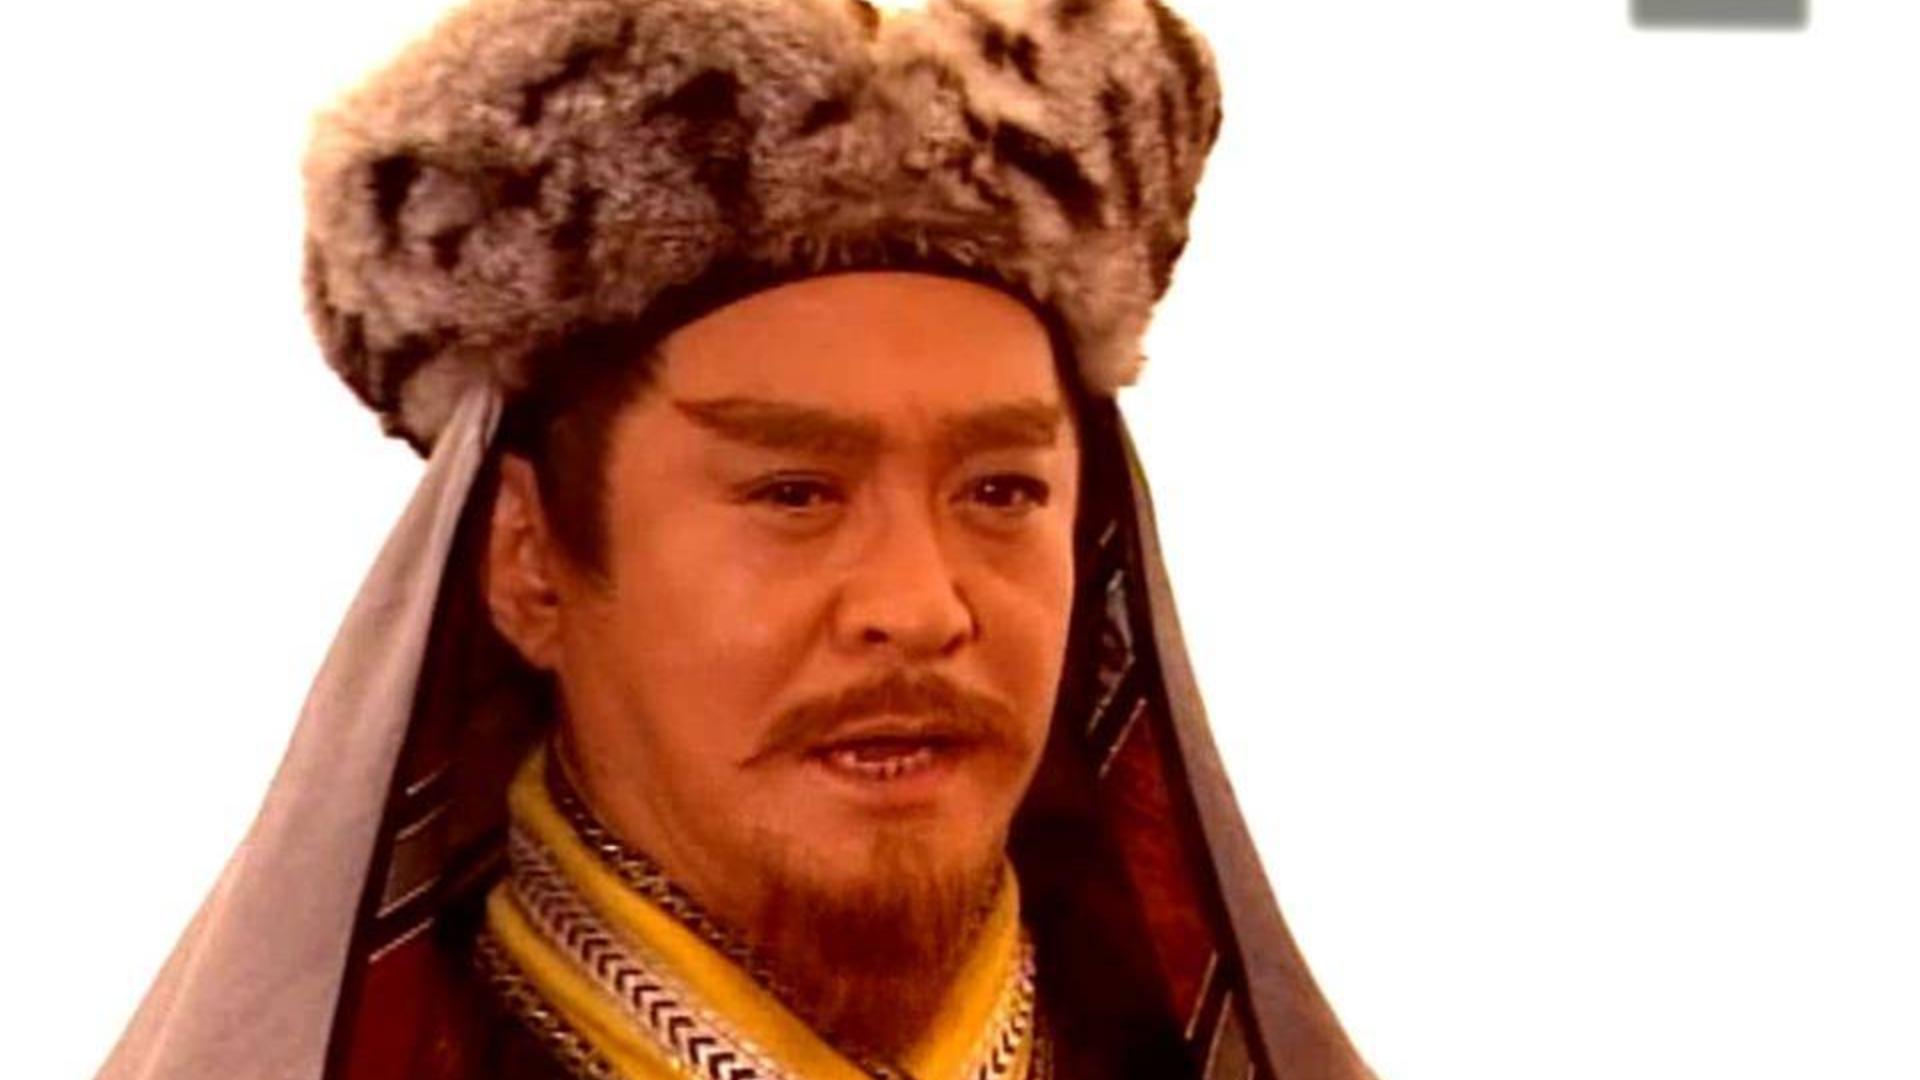 萧大侠单人擒获大辽国王,就连完颜阿骨打都惊呆了